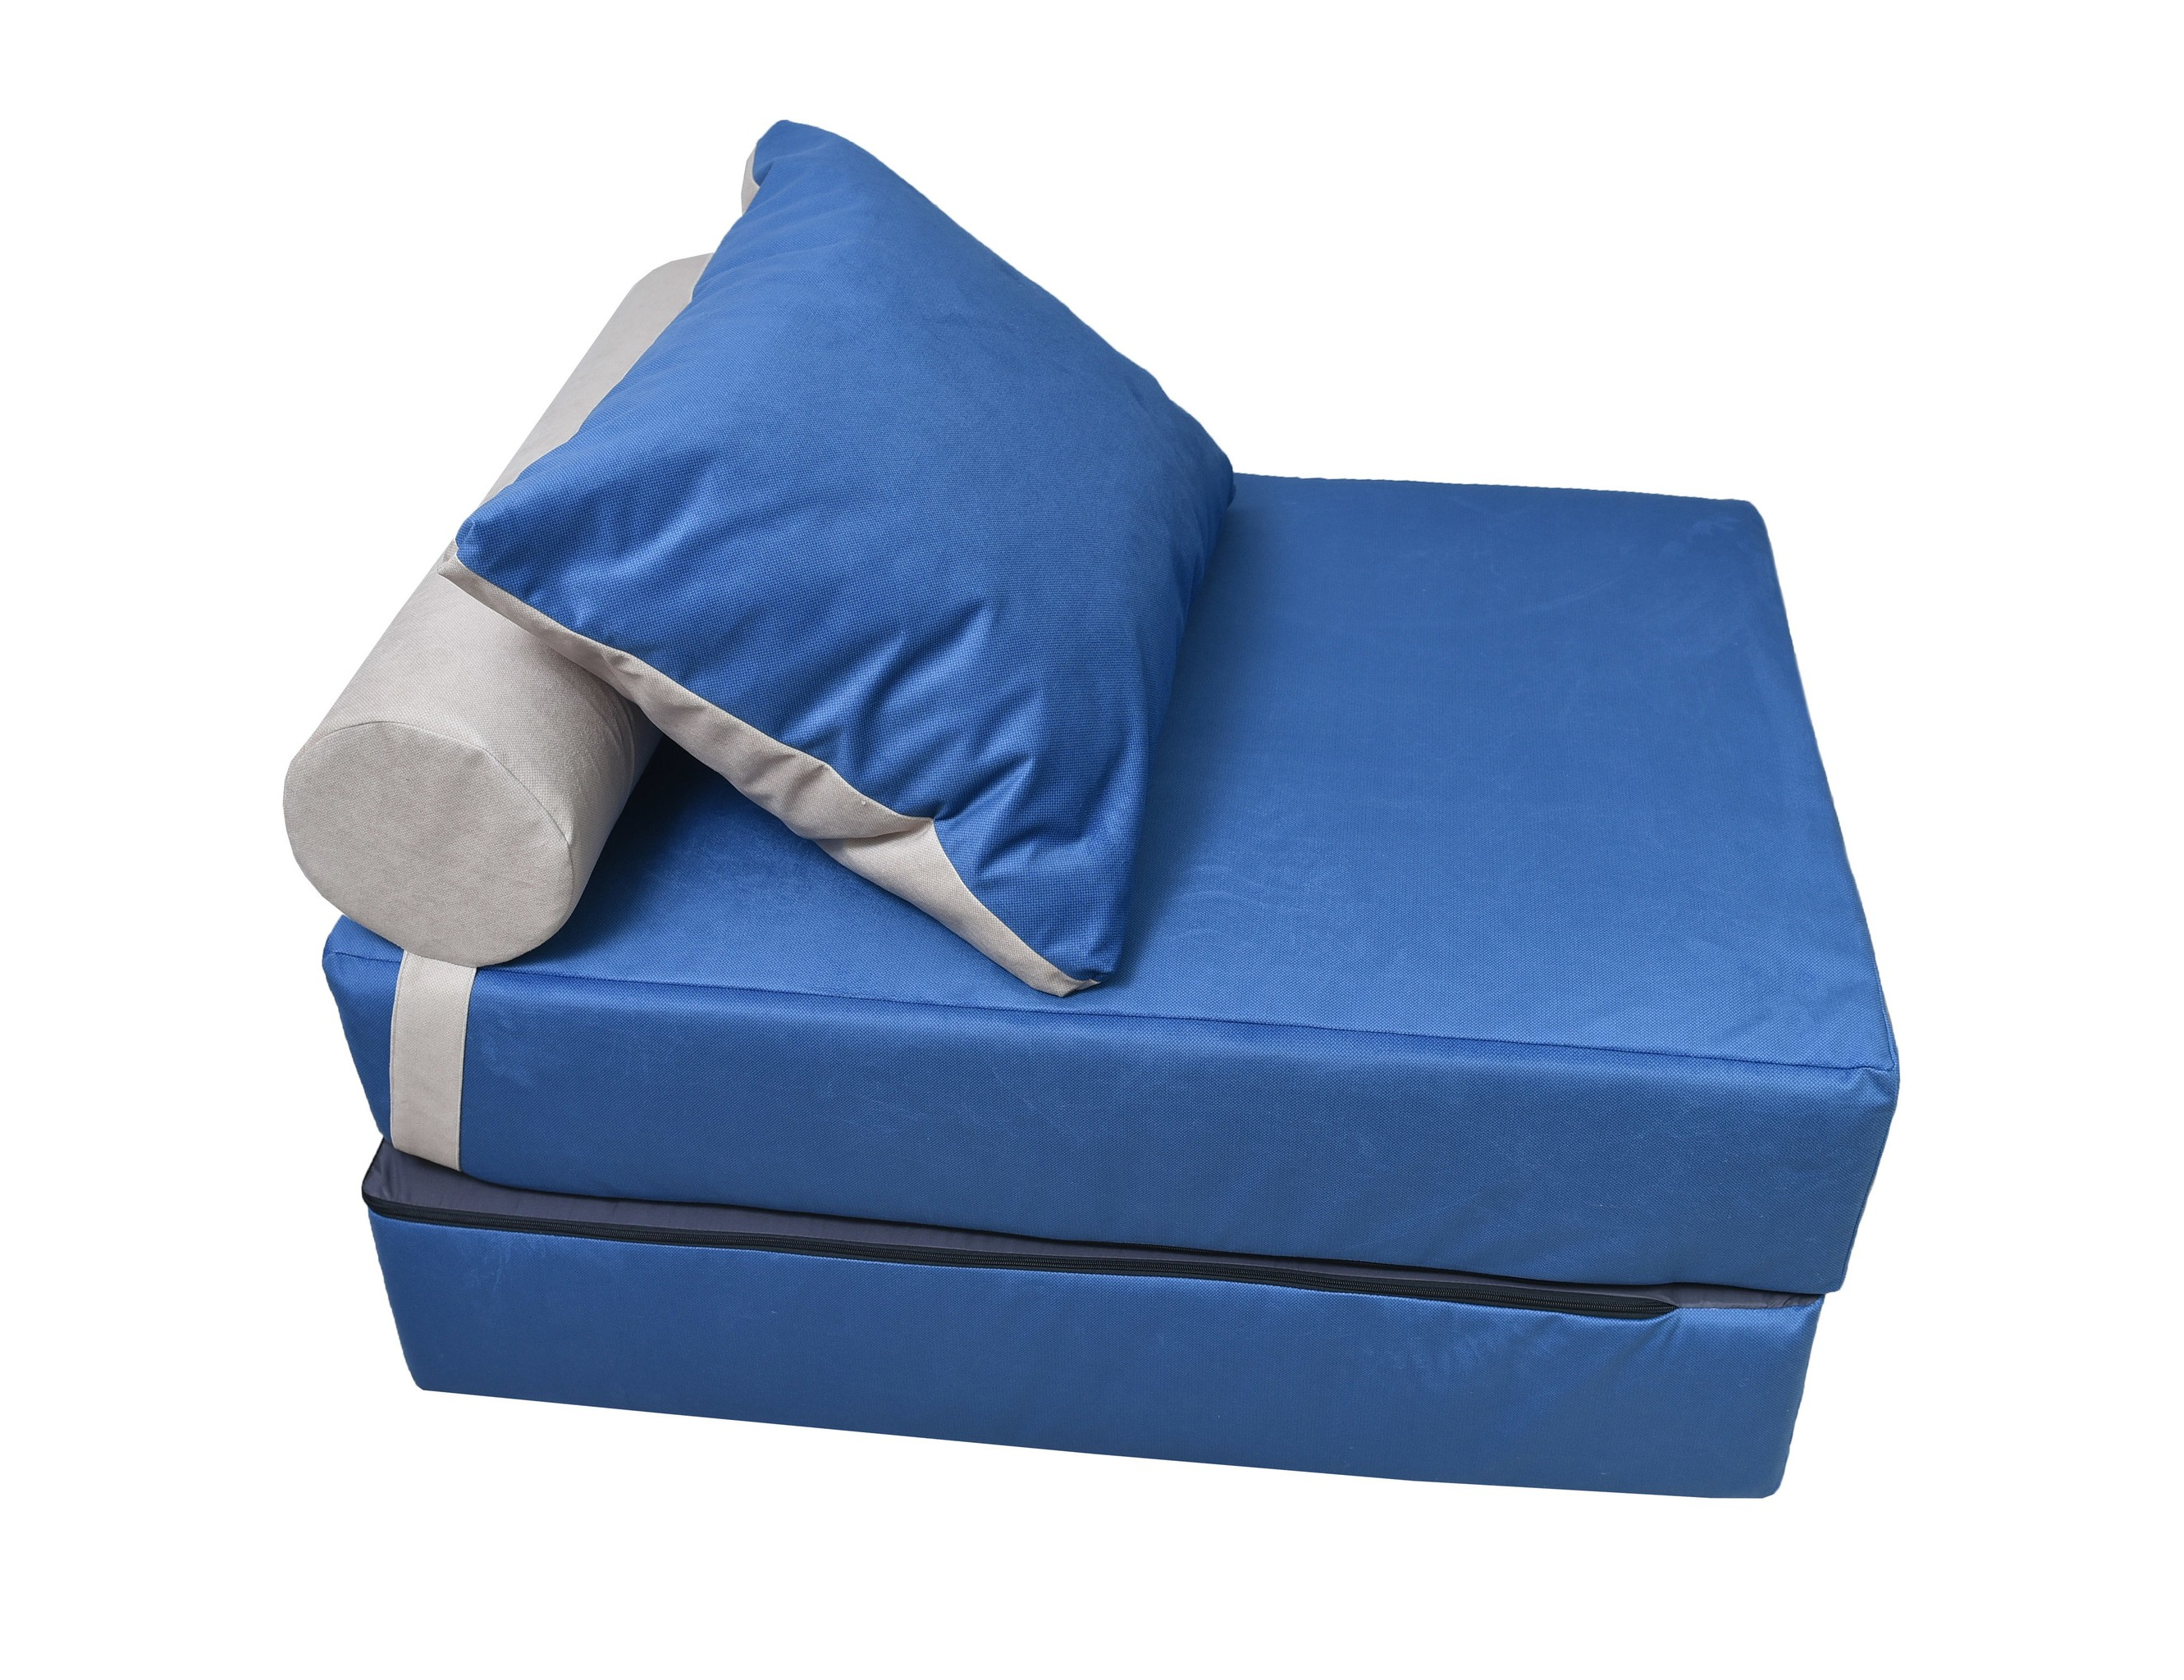 Кресло-кроватьКресла-кровати<br>Уникальное дизайнерское кресло-кровать  станет неотъемлемой частью вашего отдыха. Идеальное решение для интерьеров в стиле Лофт и небольших комнат! Съёмный чехол можно постирать в машине или заменить на новый! А его жесткость оптимальна для полноценного сна! Оригинальный дизайн и эксклюзивный принт создадут комфорт и уют в вашем доме.&amp;amp;nbsp;&amp;lt;div&amp;gt;&amp;lt;br&amp;gt;&amp;lt;/div&amp;gt;&amp;lt;div&amp;gt;В разобранном виде 70х20х200&amp;lt;/div&amp;gt;&amp;lt;div&amp;gt;Валик d20х40, подушка 50х70 см&amp;lt;/div&amp;gt;<br><br>Material: Текстиль<br>Length см: None<br>Width см: 100<br>Depth см: 70<br>Height см: 40